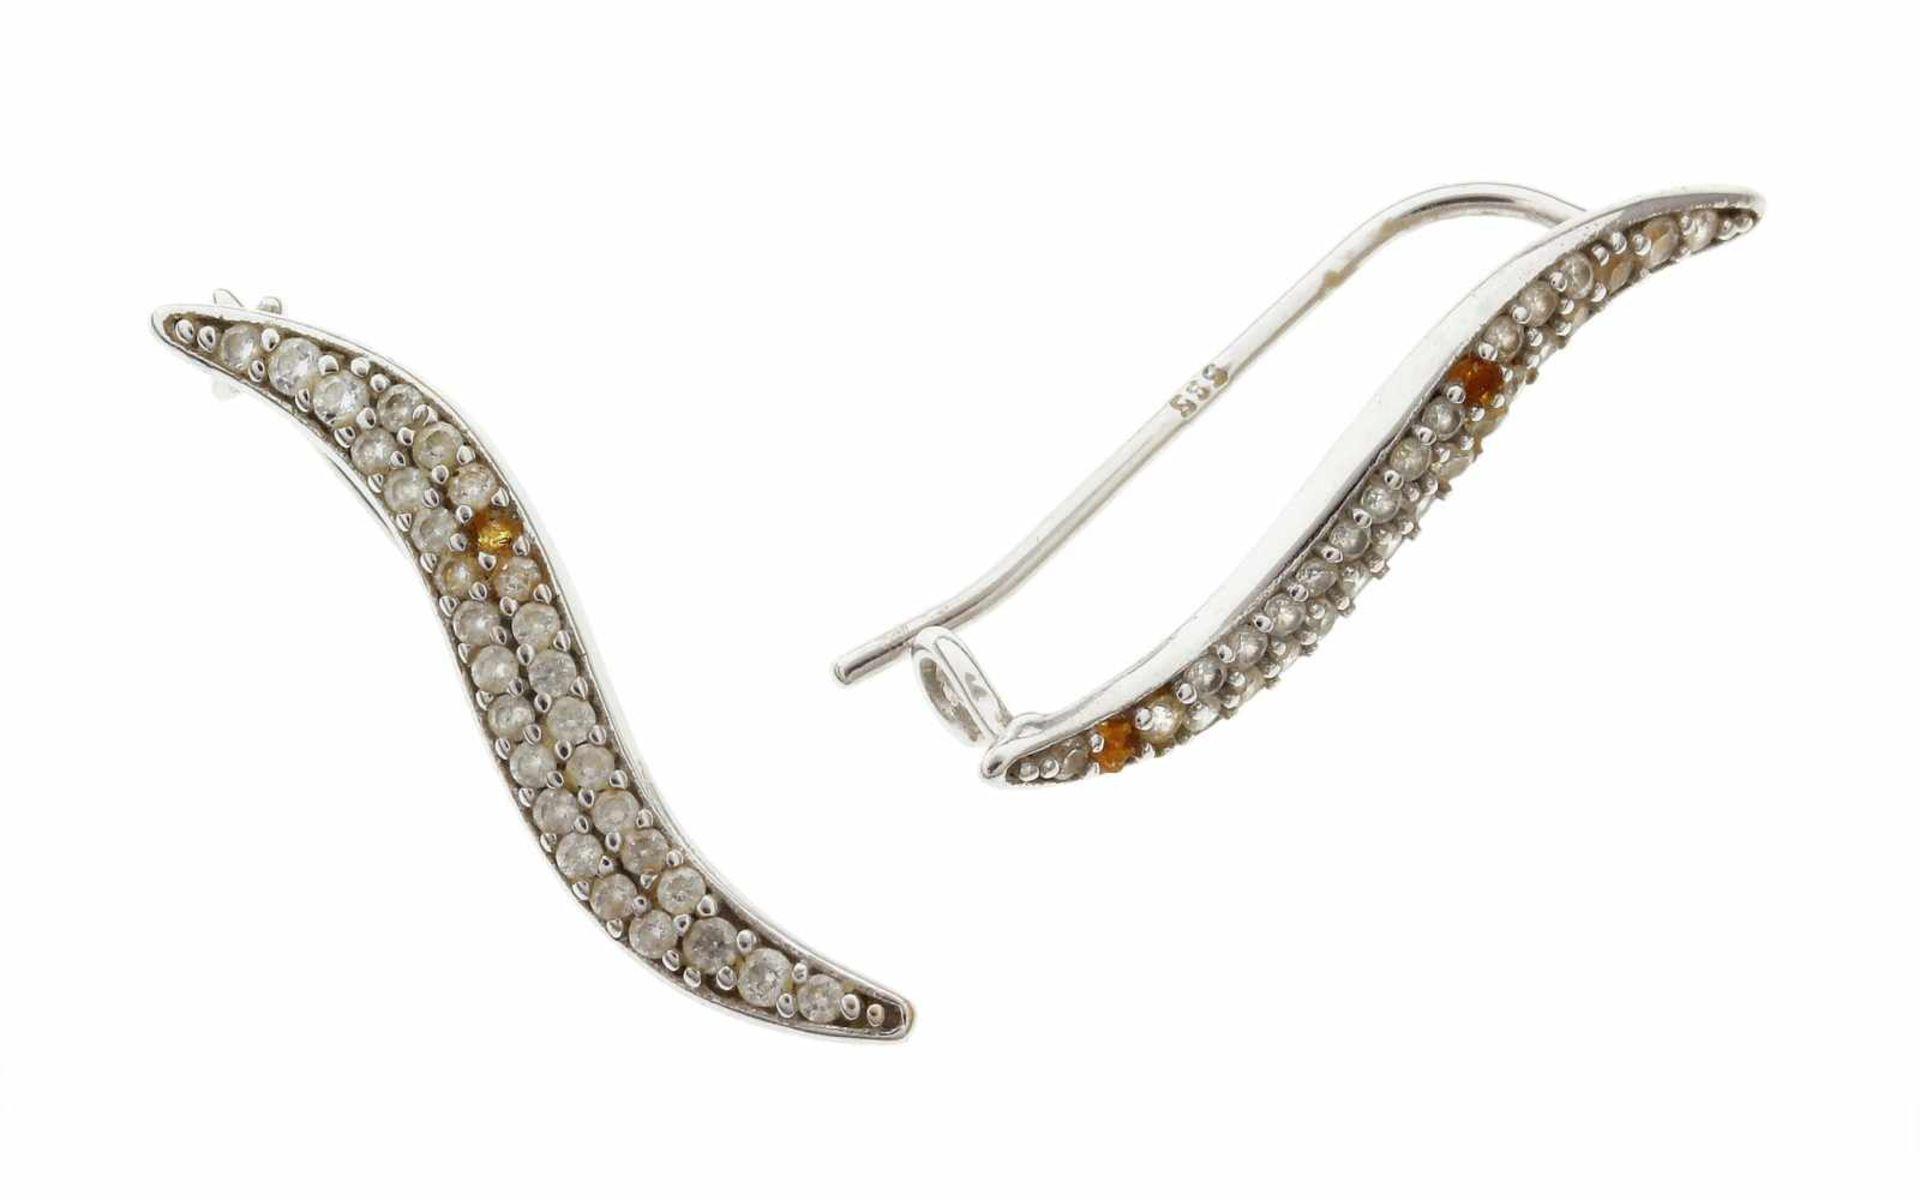 Los 7 - OhrhängerOhrhänger 585/- Weißgold mit Zirkonen, Länge ca. 22,30 mm, 1,31g